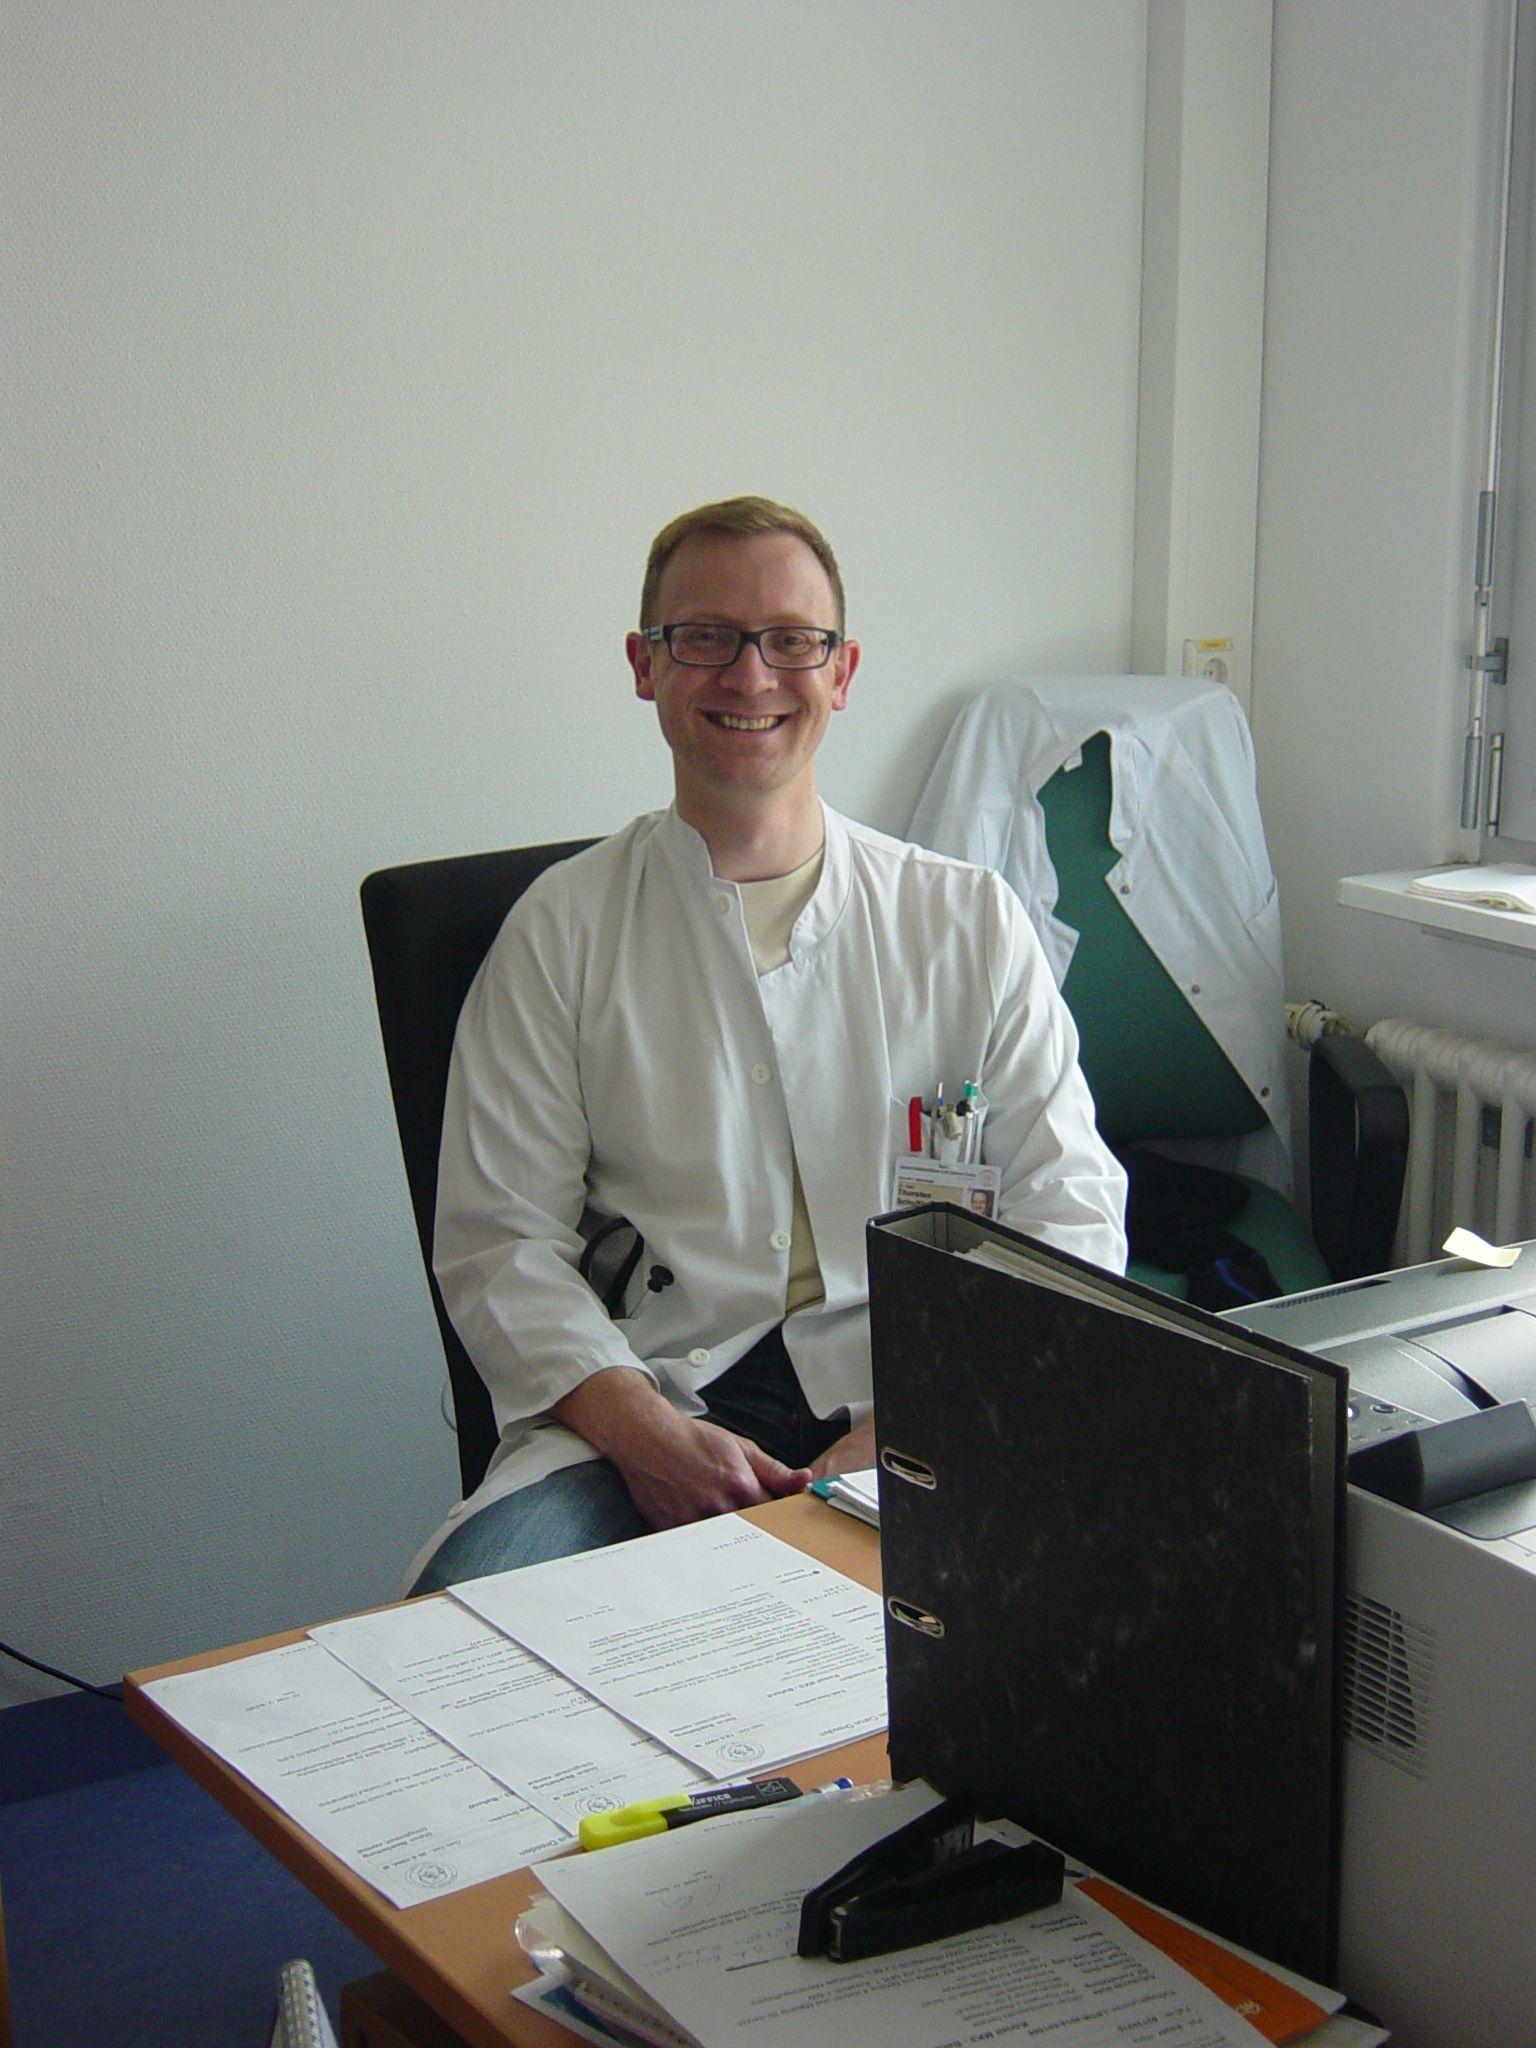 Dr. Schultheiß